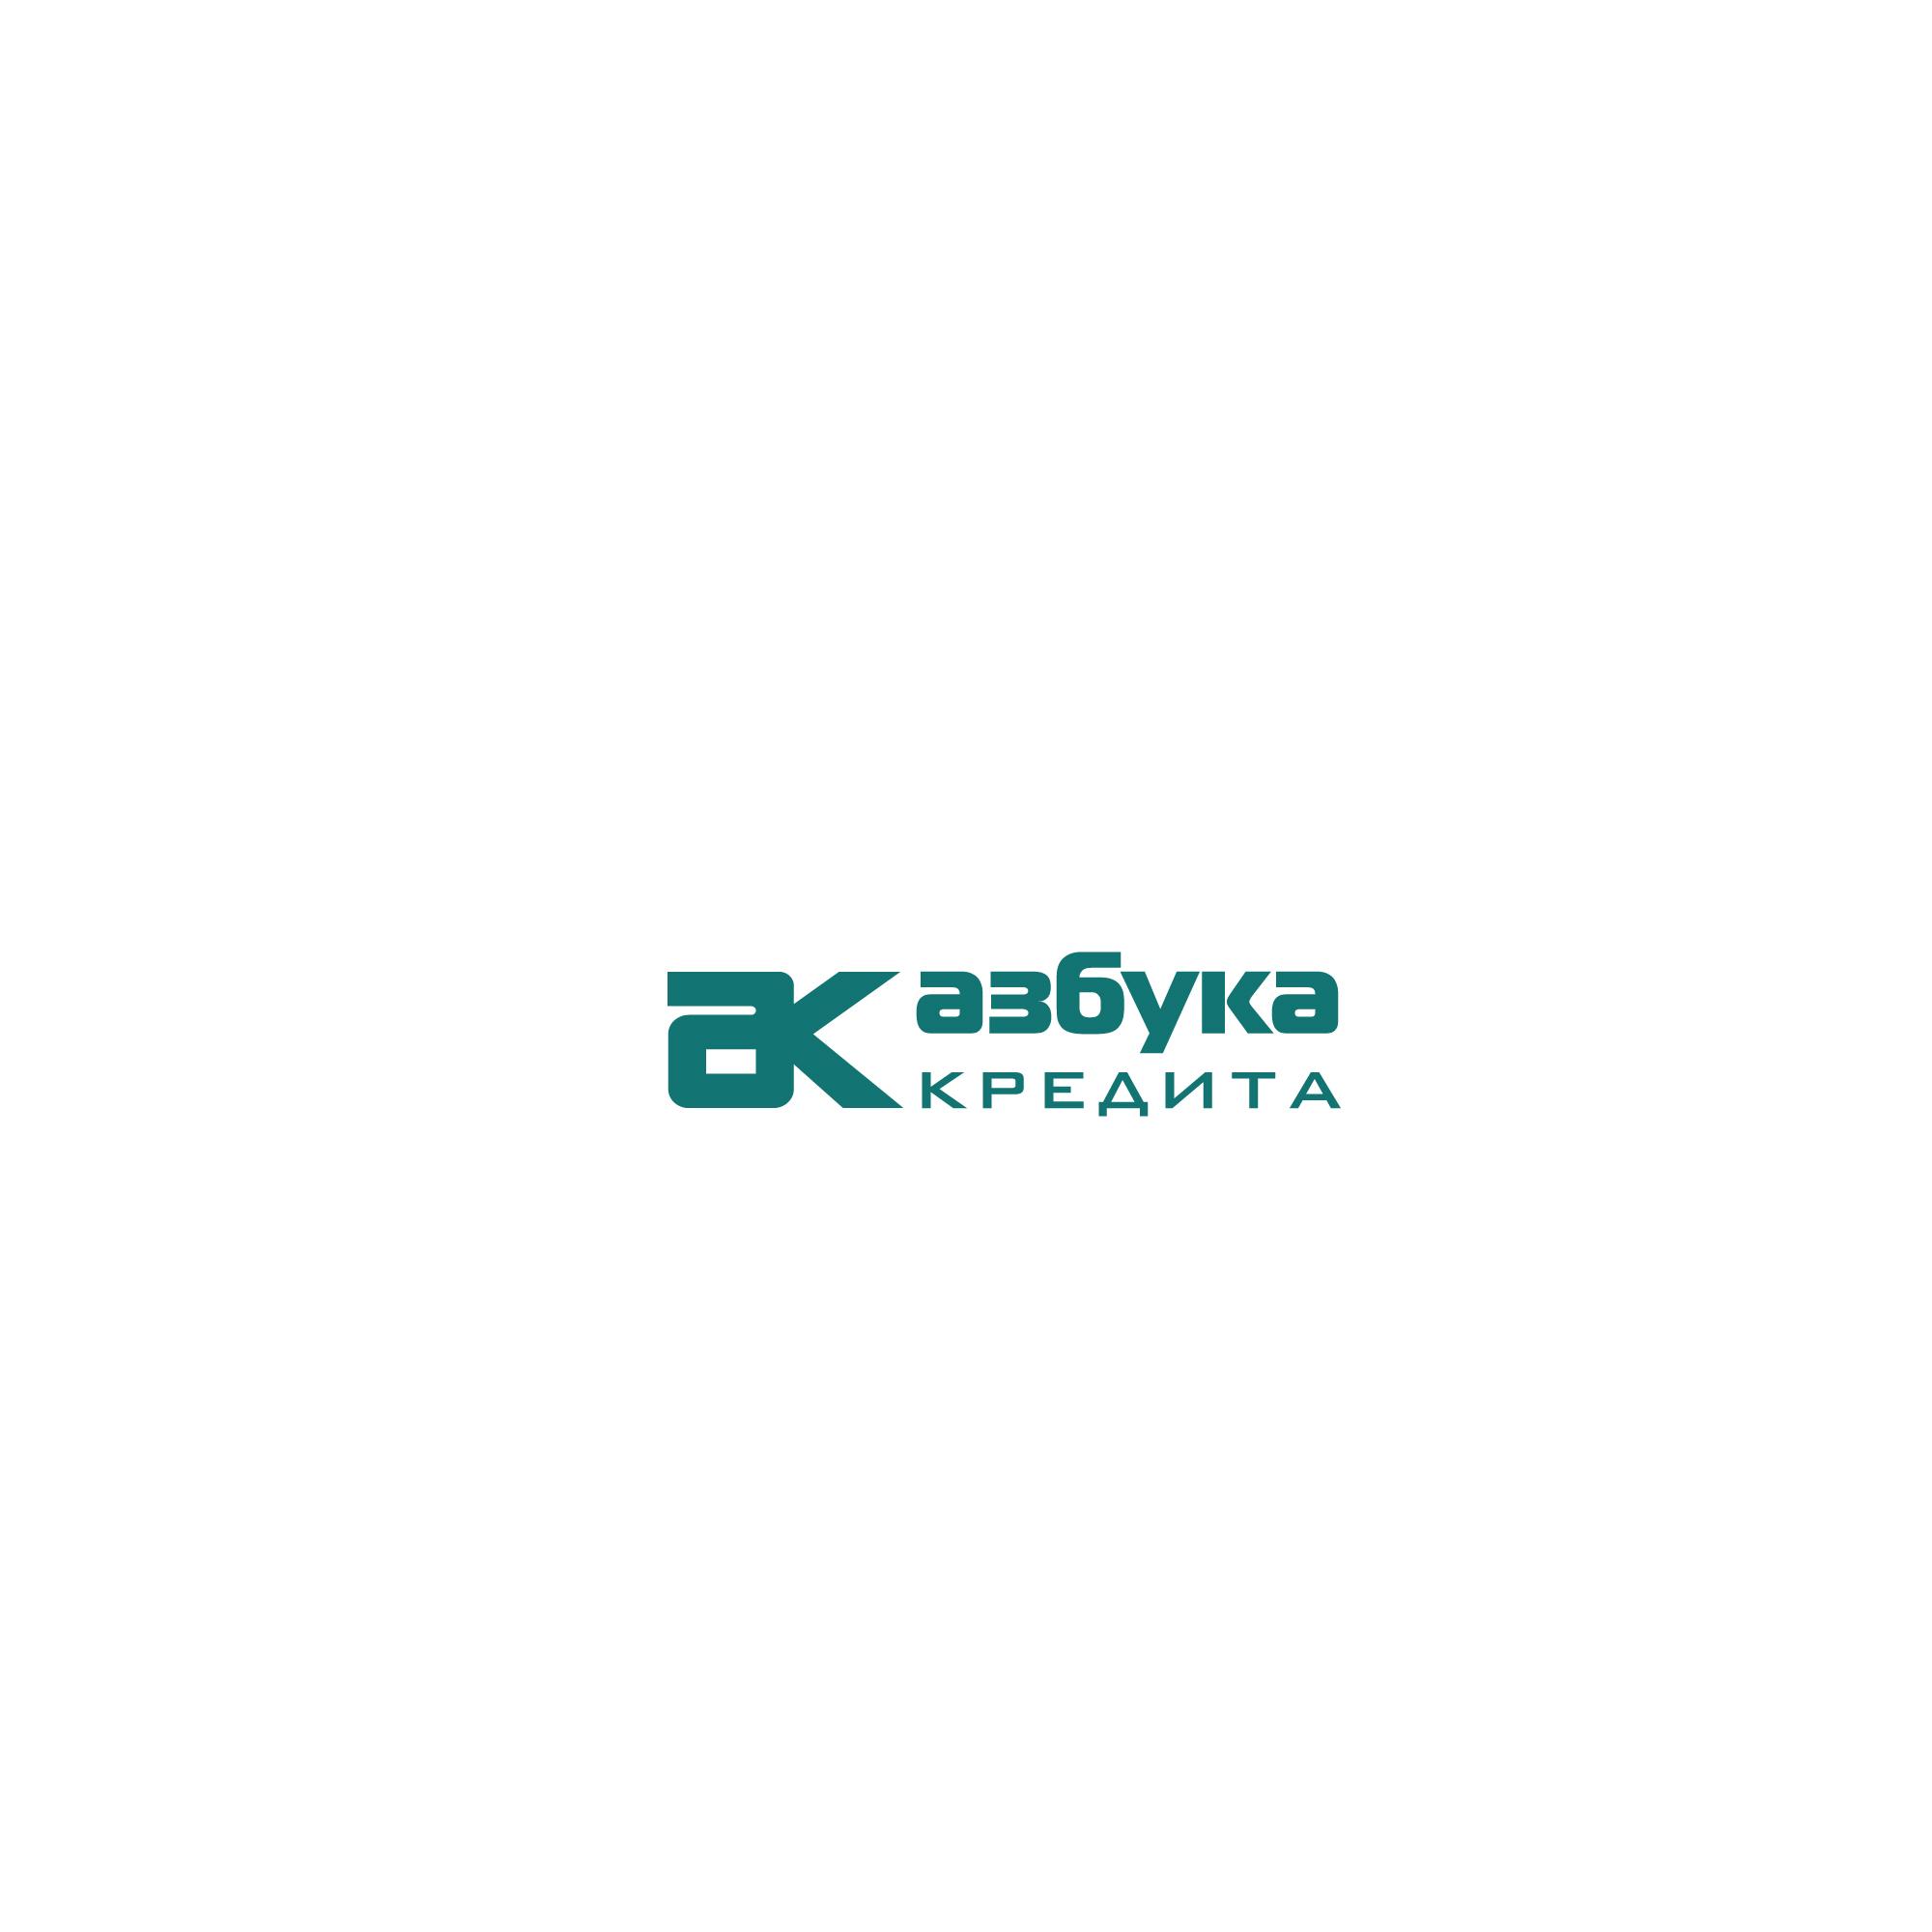 Разработать логотип для финансовой компании фото f_6925de6e8607e381.jpg